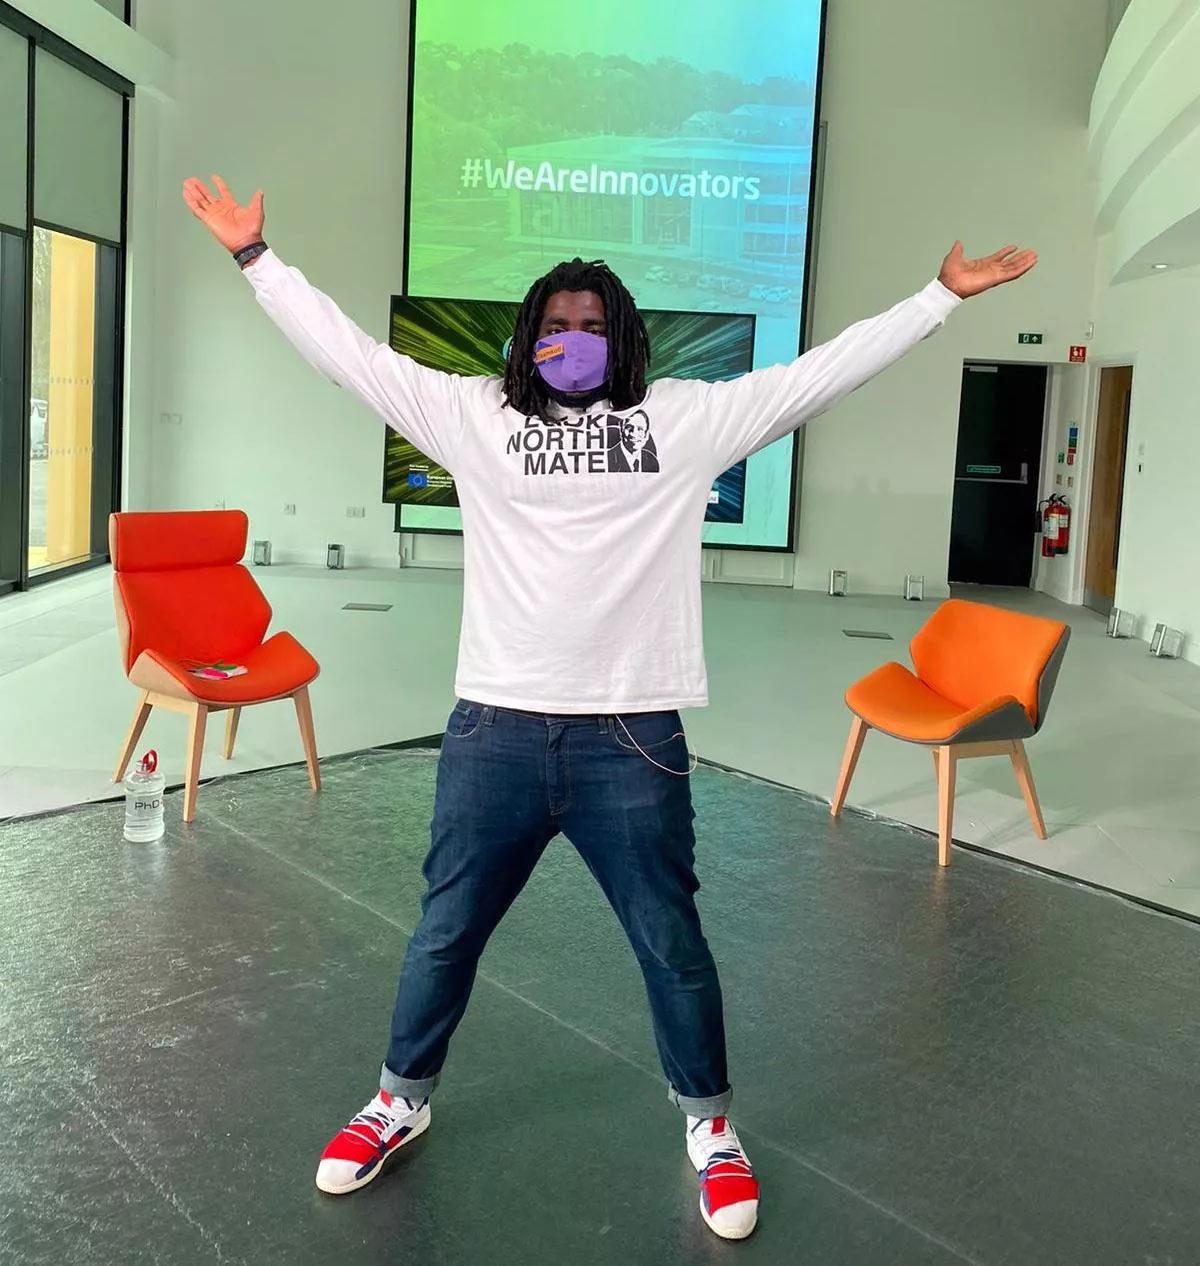 Kofi Smiles, Festival of Green Innovation host